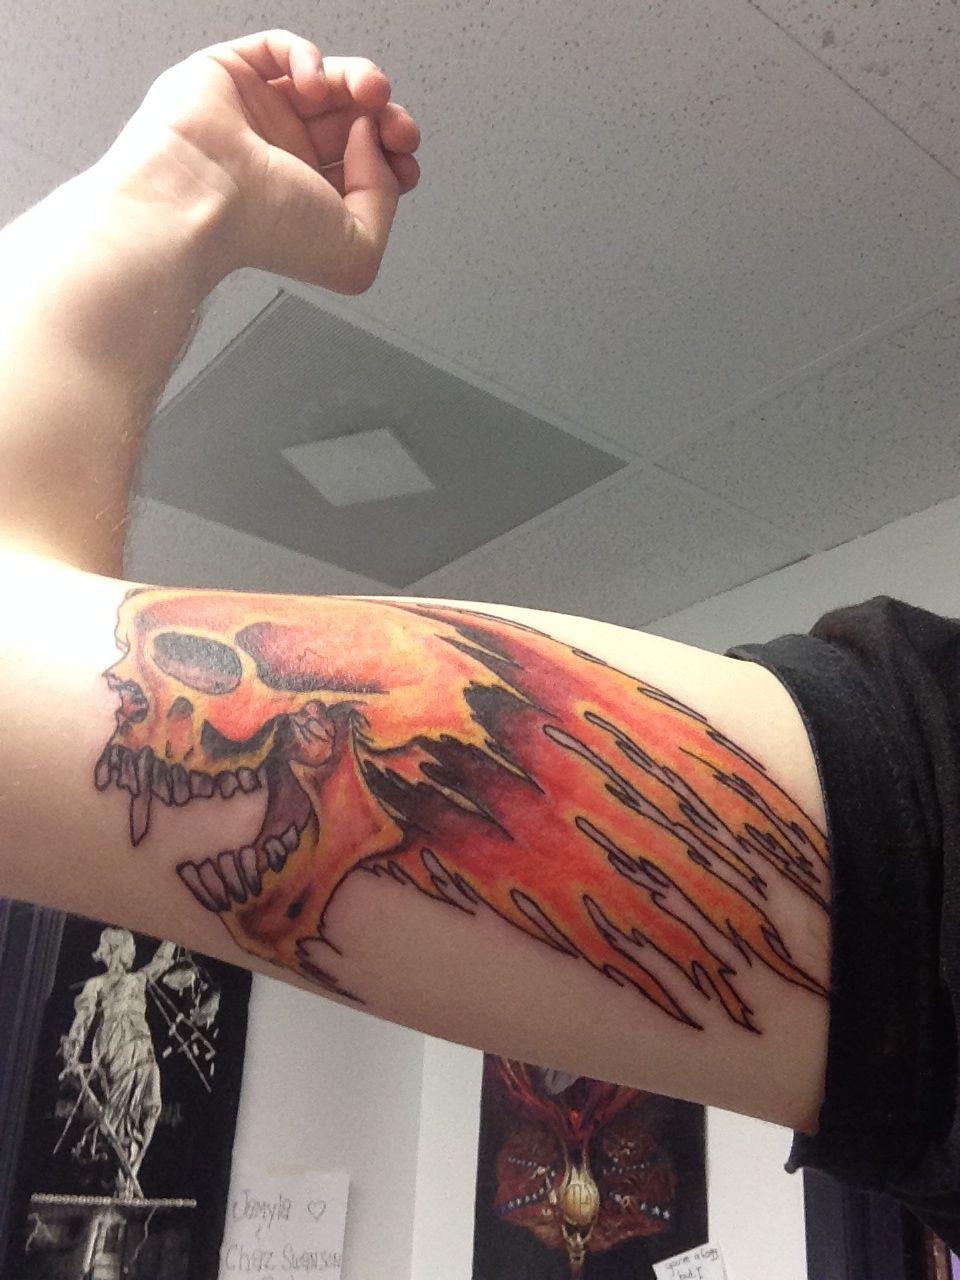 Metallica flaming skull tattoo   Cool tattoos   Pinterest ...